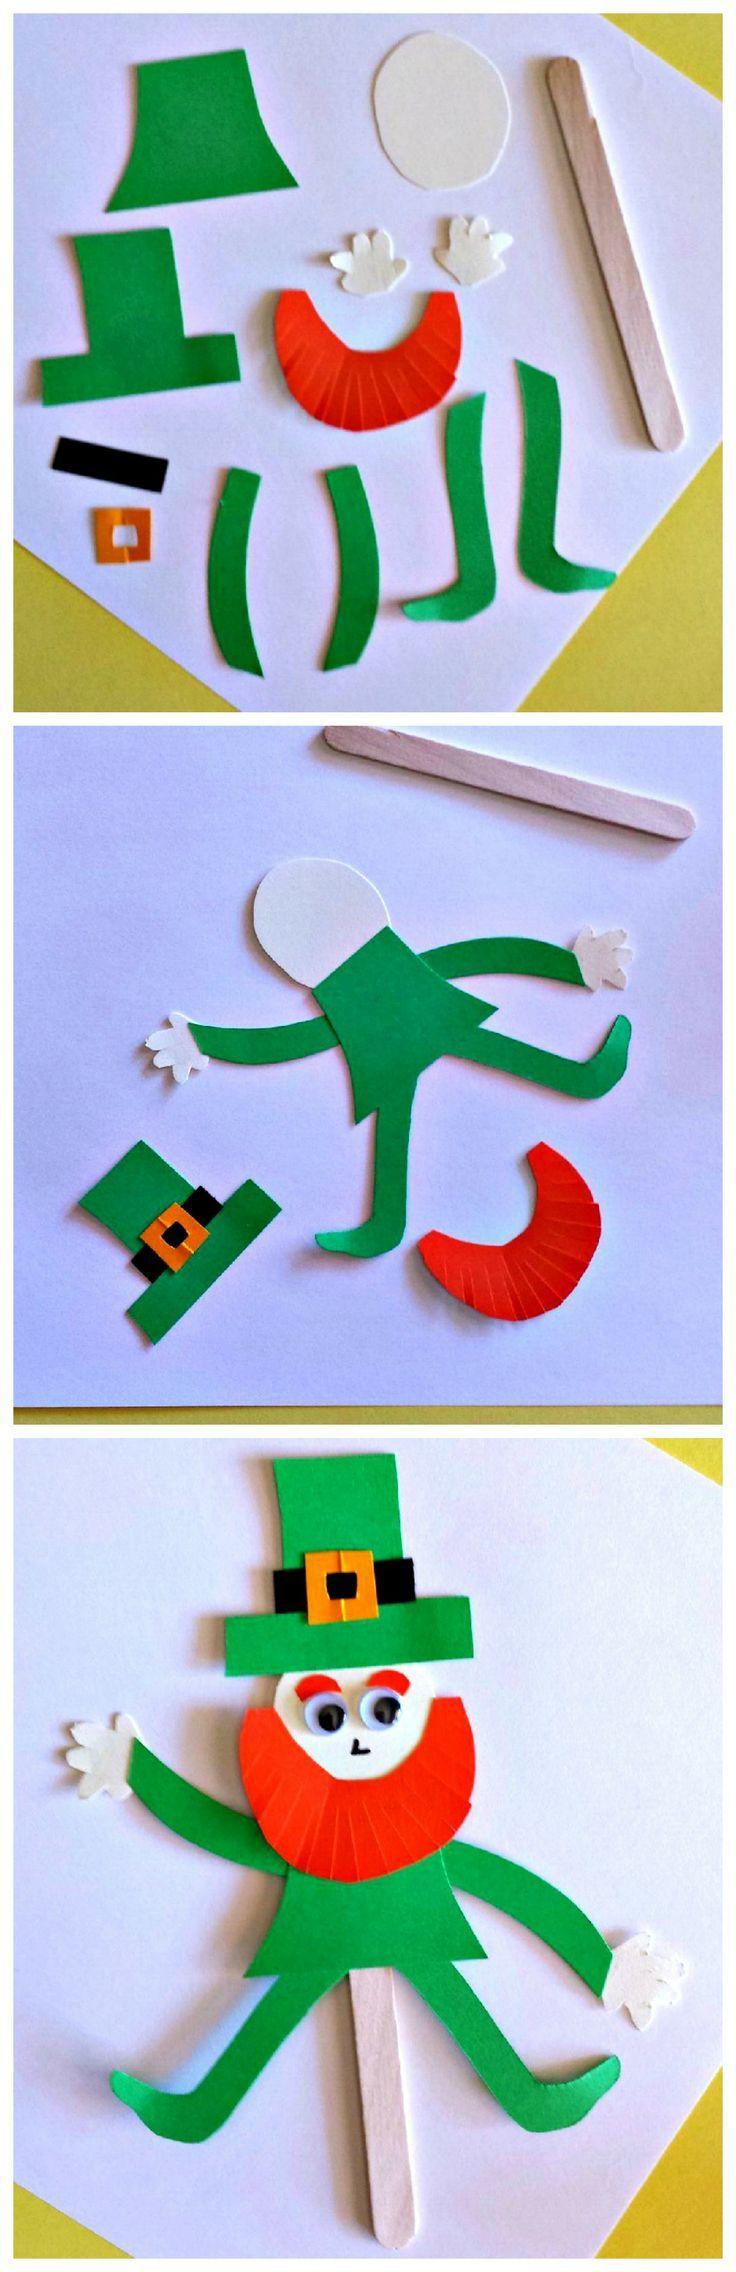 243 Best Kids Crafts Images On Pinterest Crafts For Kids Crafts